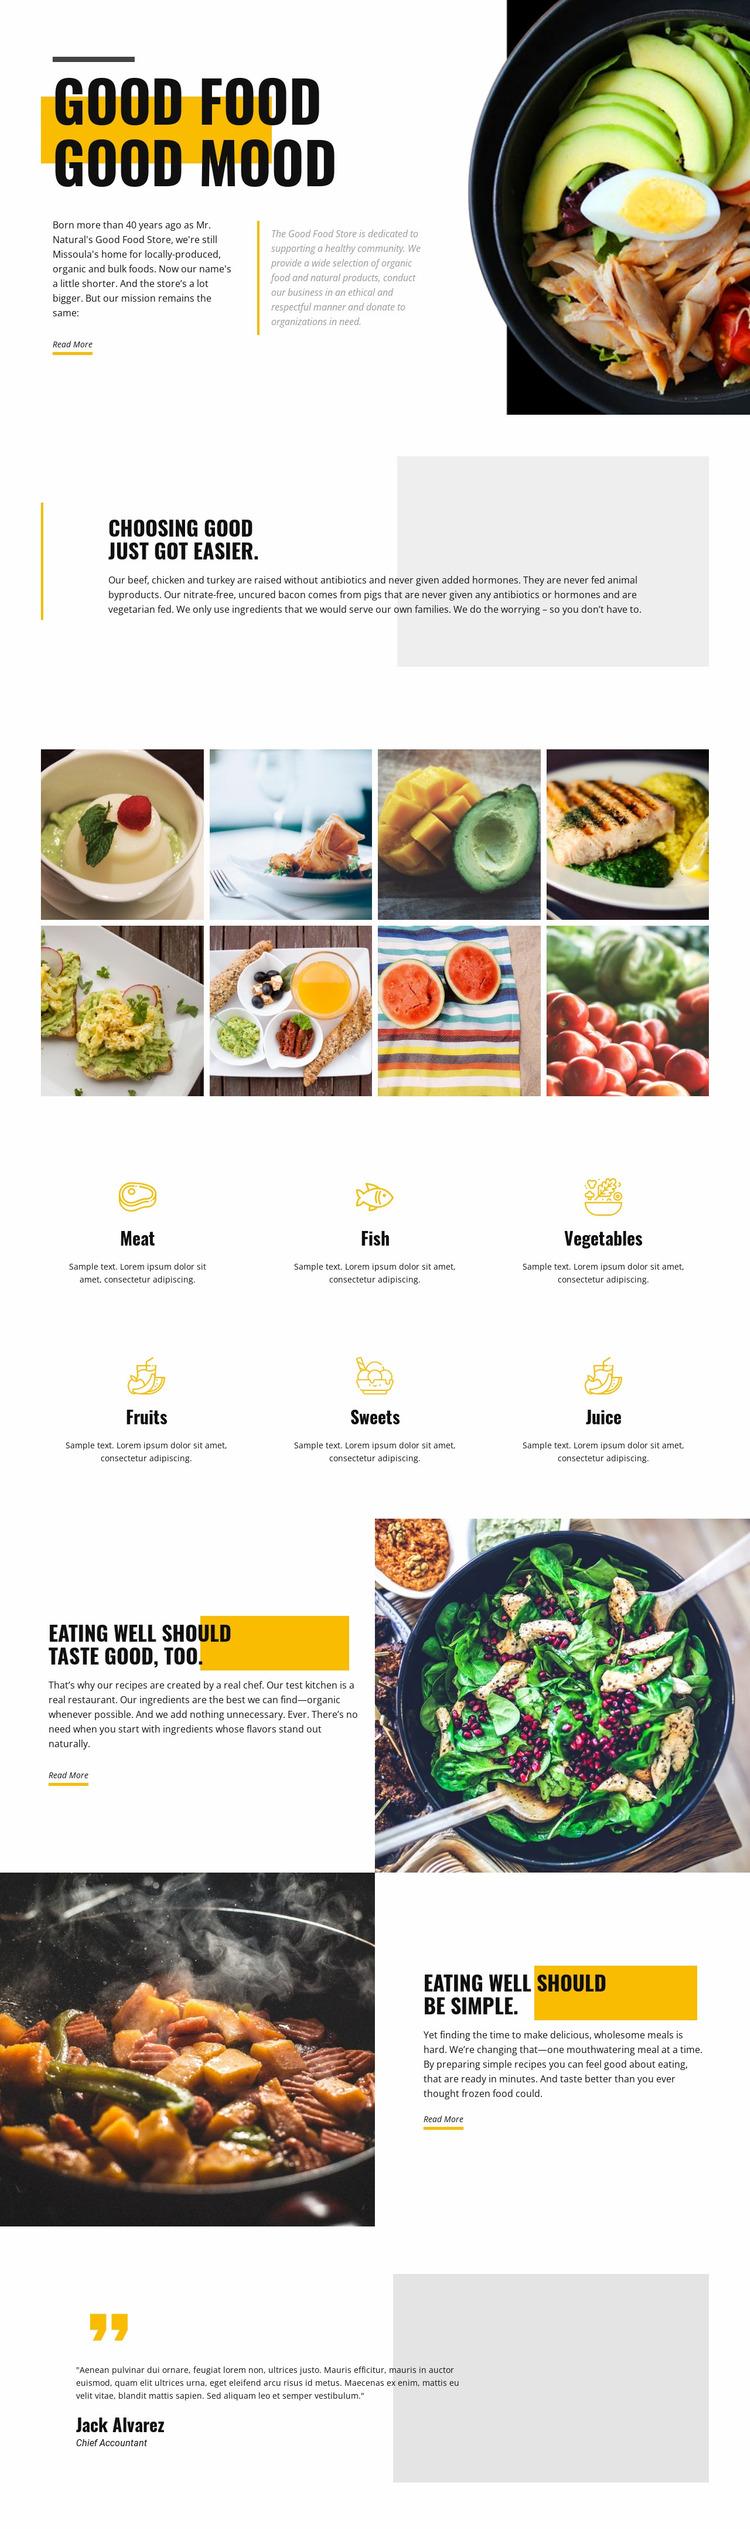 Good mood good food Website Mockup